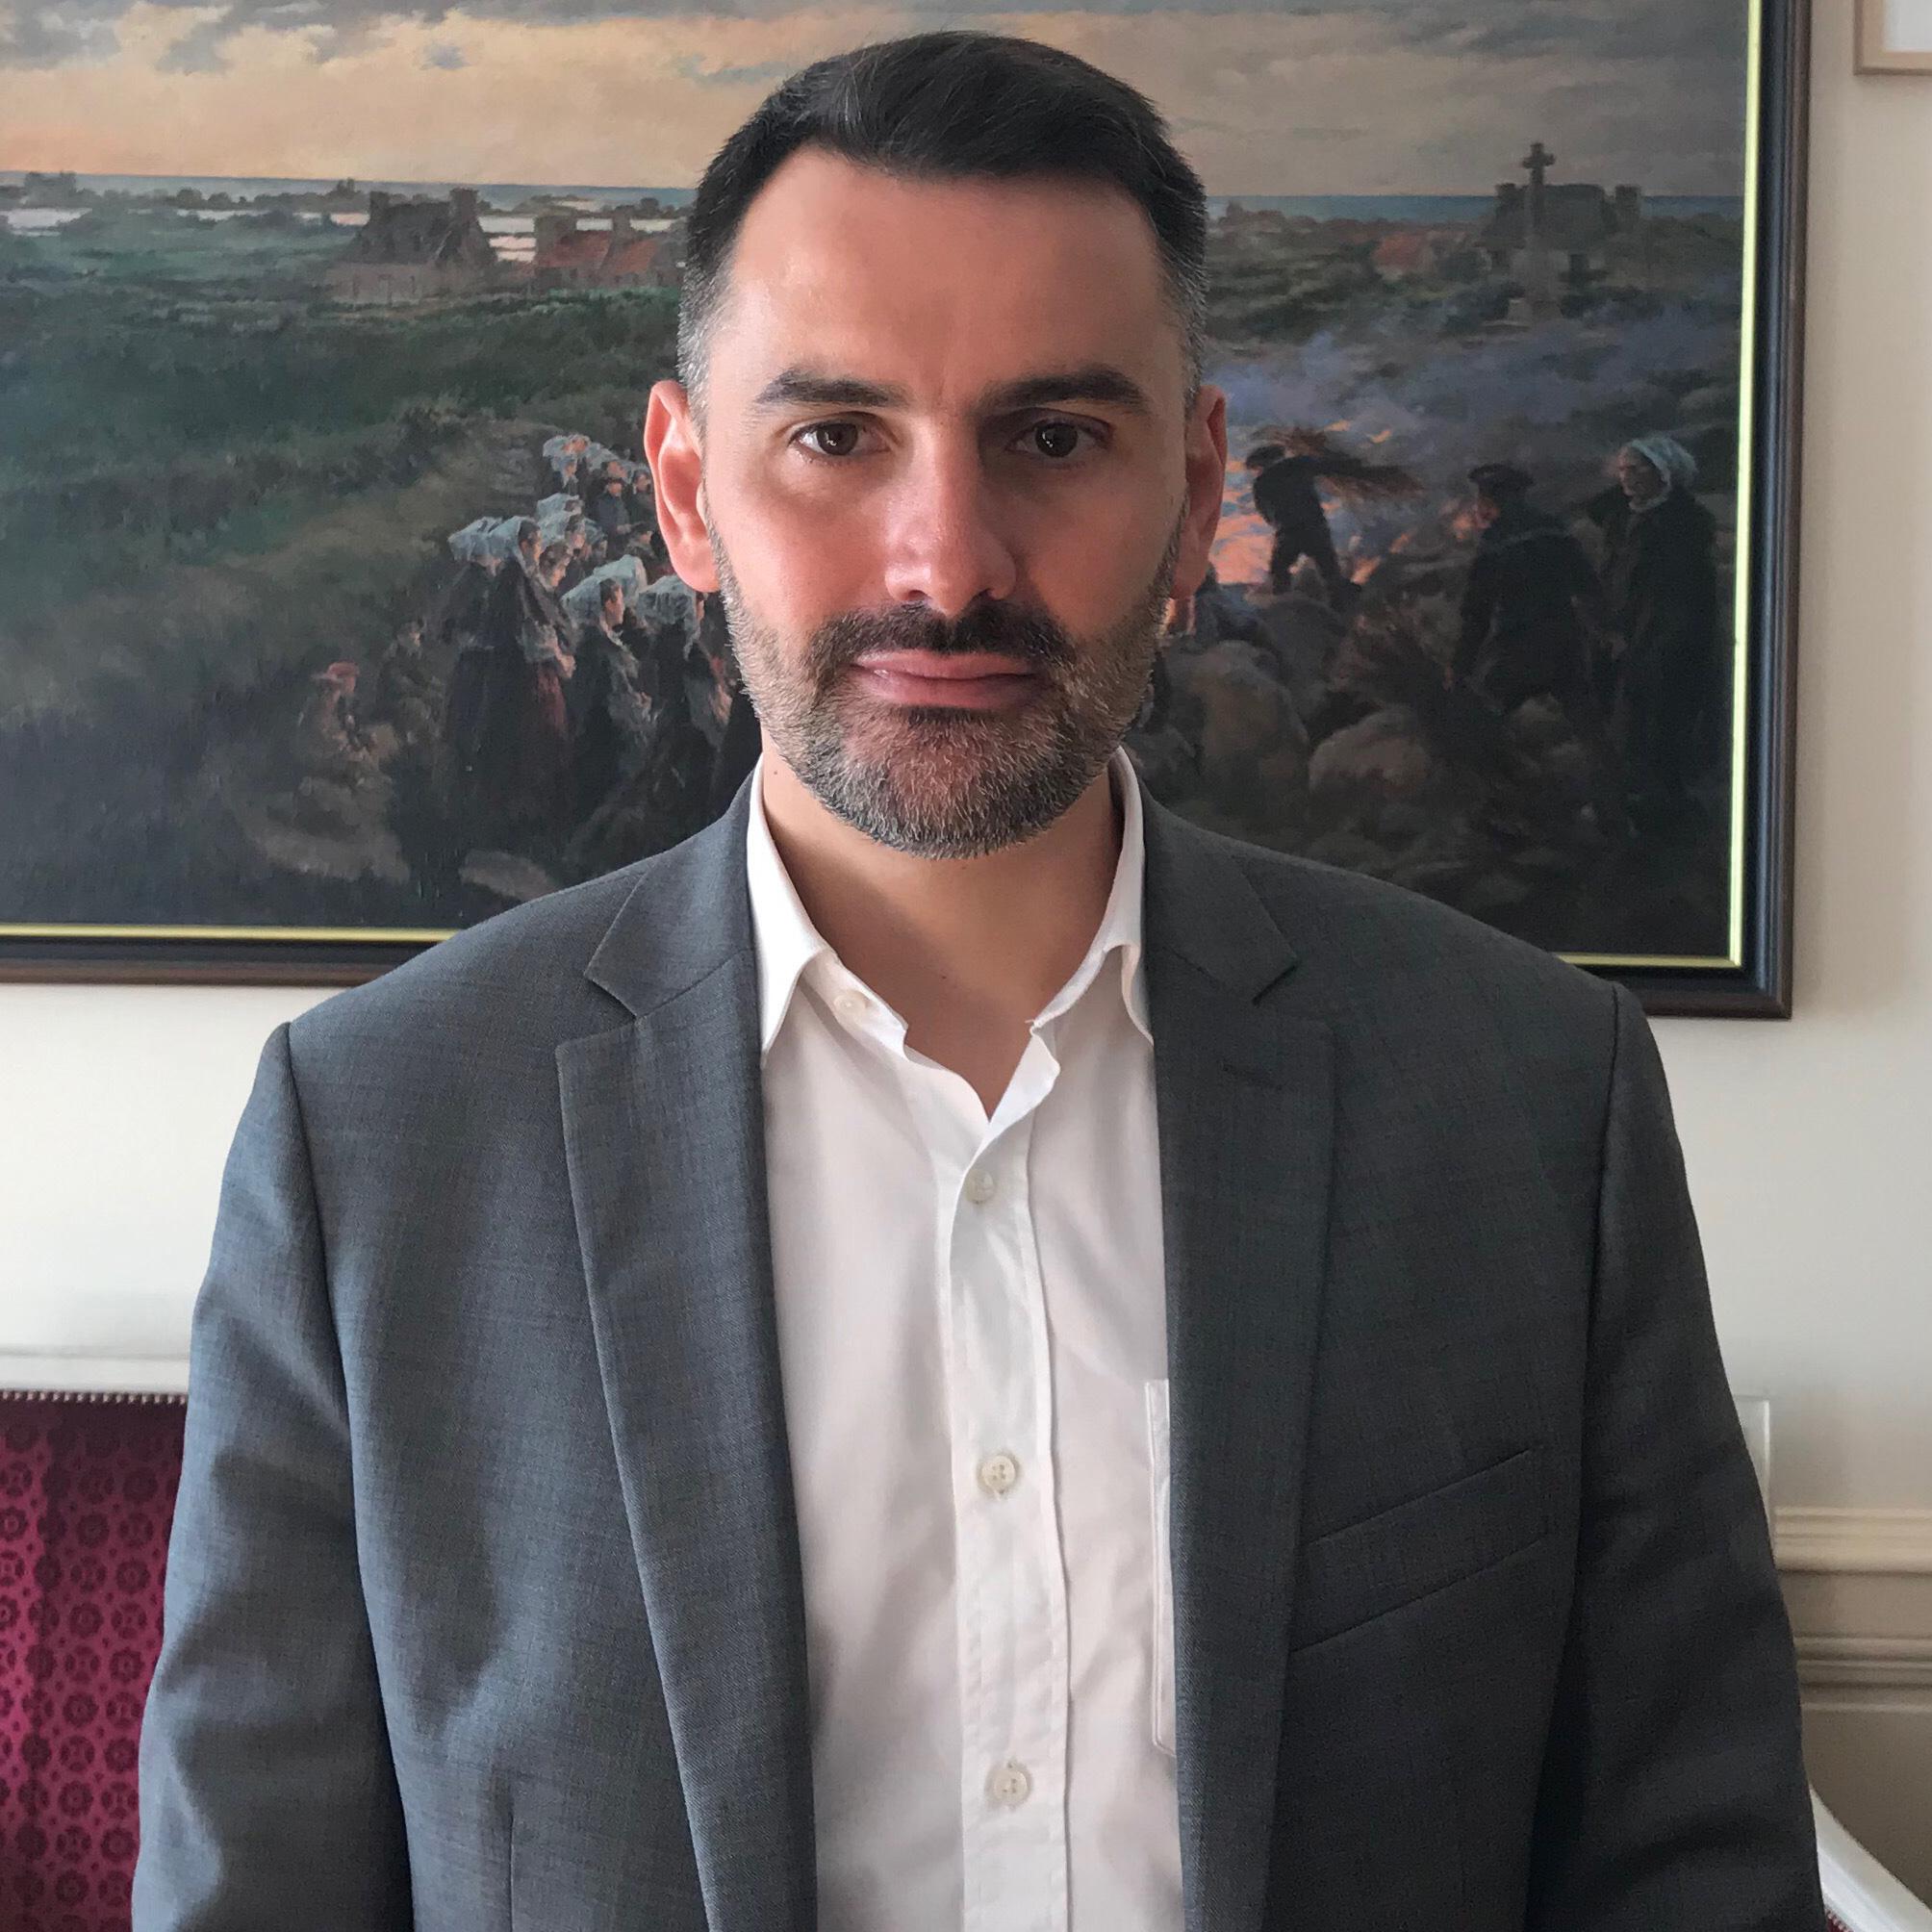 Ludovic Chaker Wikipedia